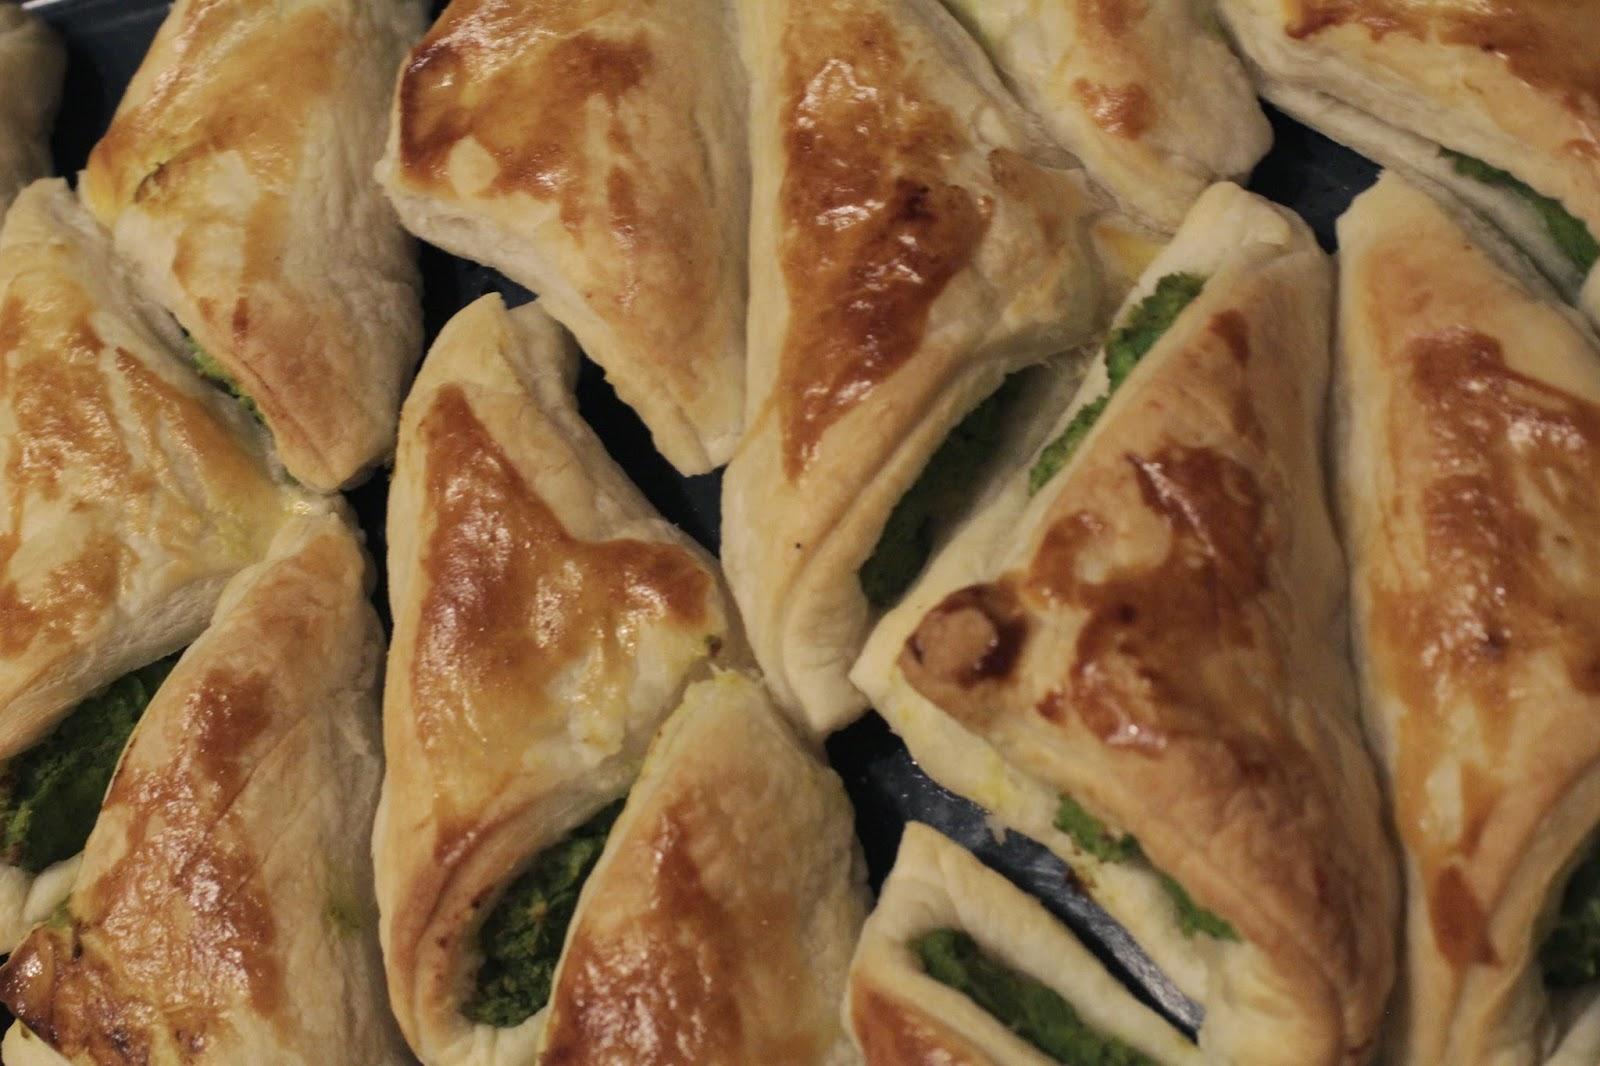 kuchnia świata, kuchnie świata, przekąska, pastizzi, Malta, maltańska kuchnia, pastizzi z groszkiem